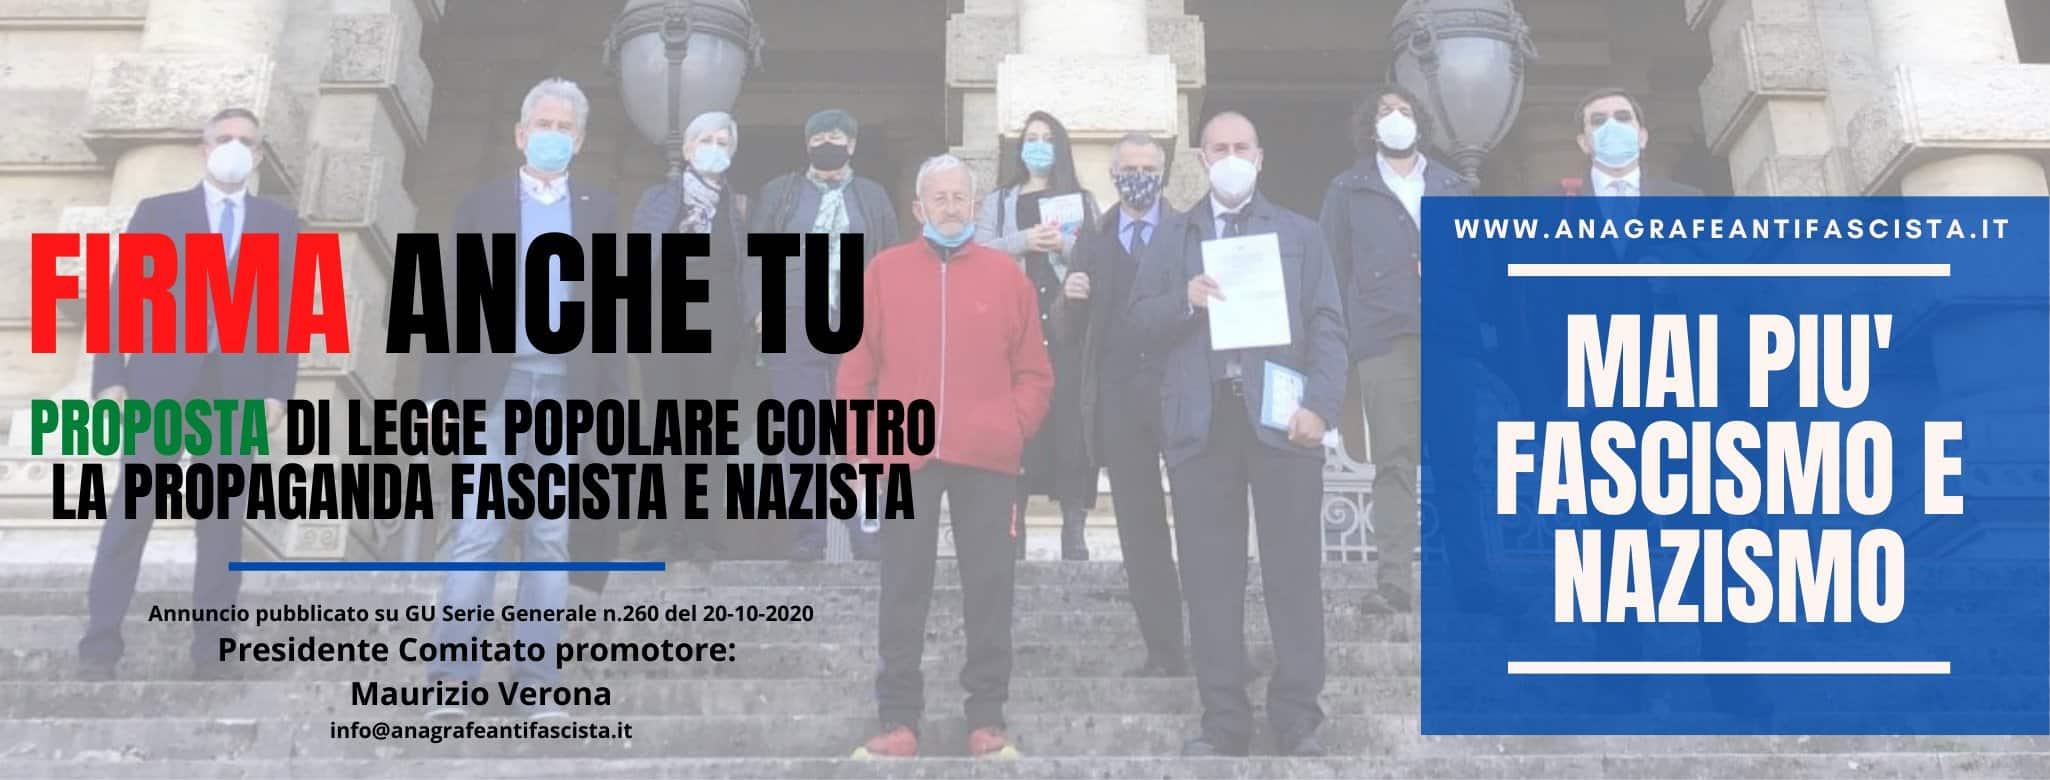 Legge Stazzema, raccolta firme a Palermo per la proposta contro la propaganda nazi-fascista